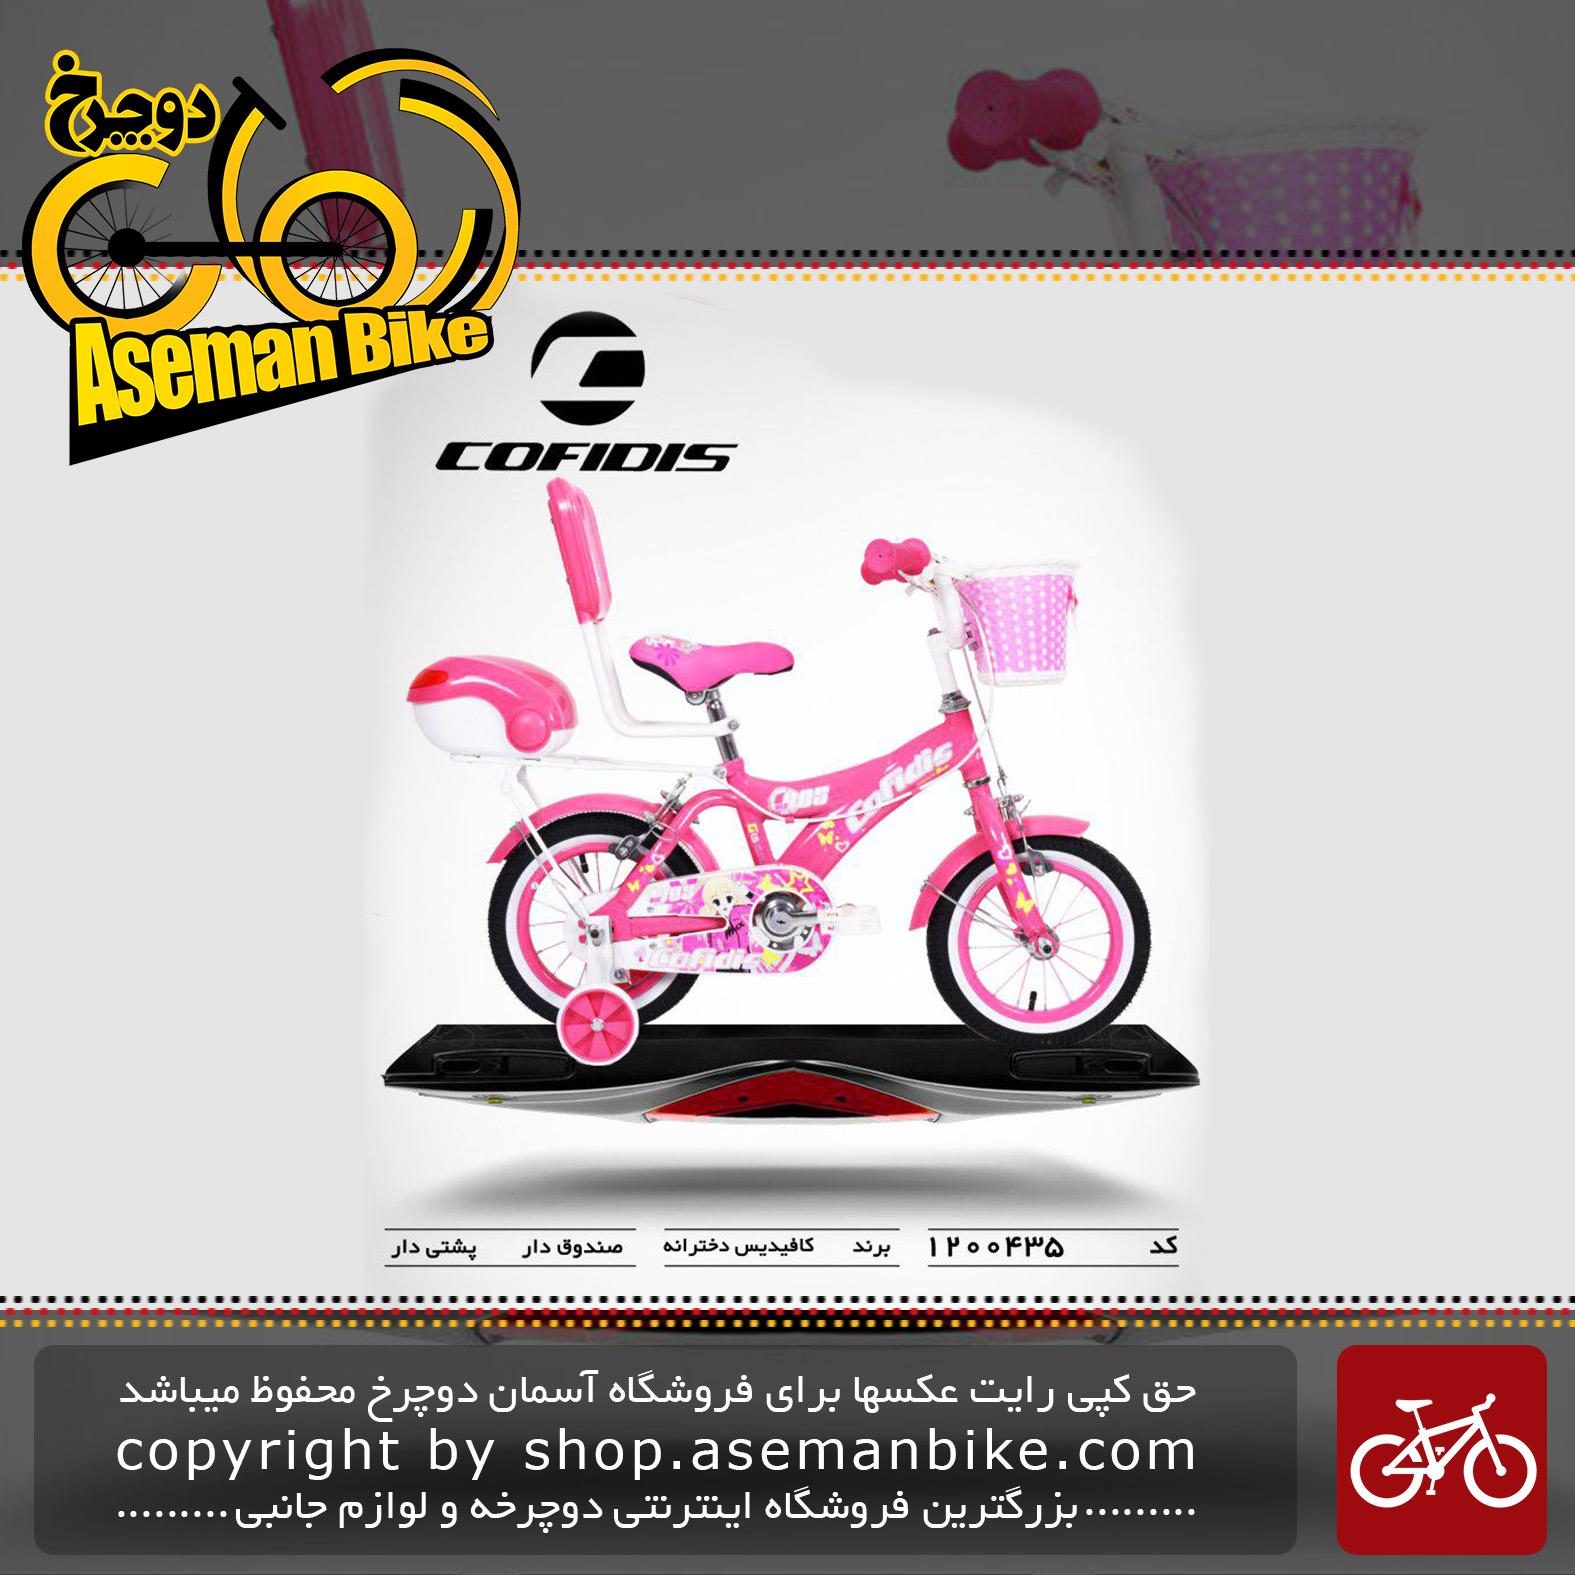 دوچرخه دخترانه کافیدیس تایوان صندوق و سبد دار مدل 435 سایز 12 COFIDIS Bicycle 435 Size 12 2019